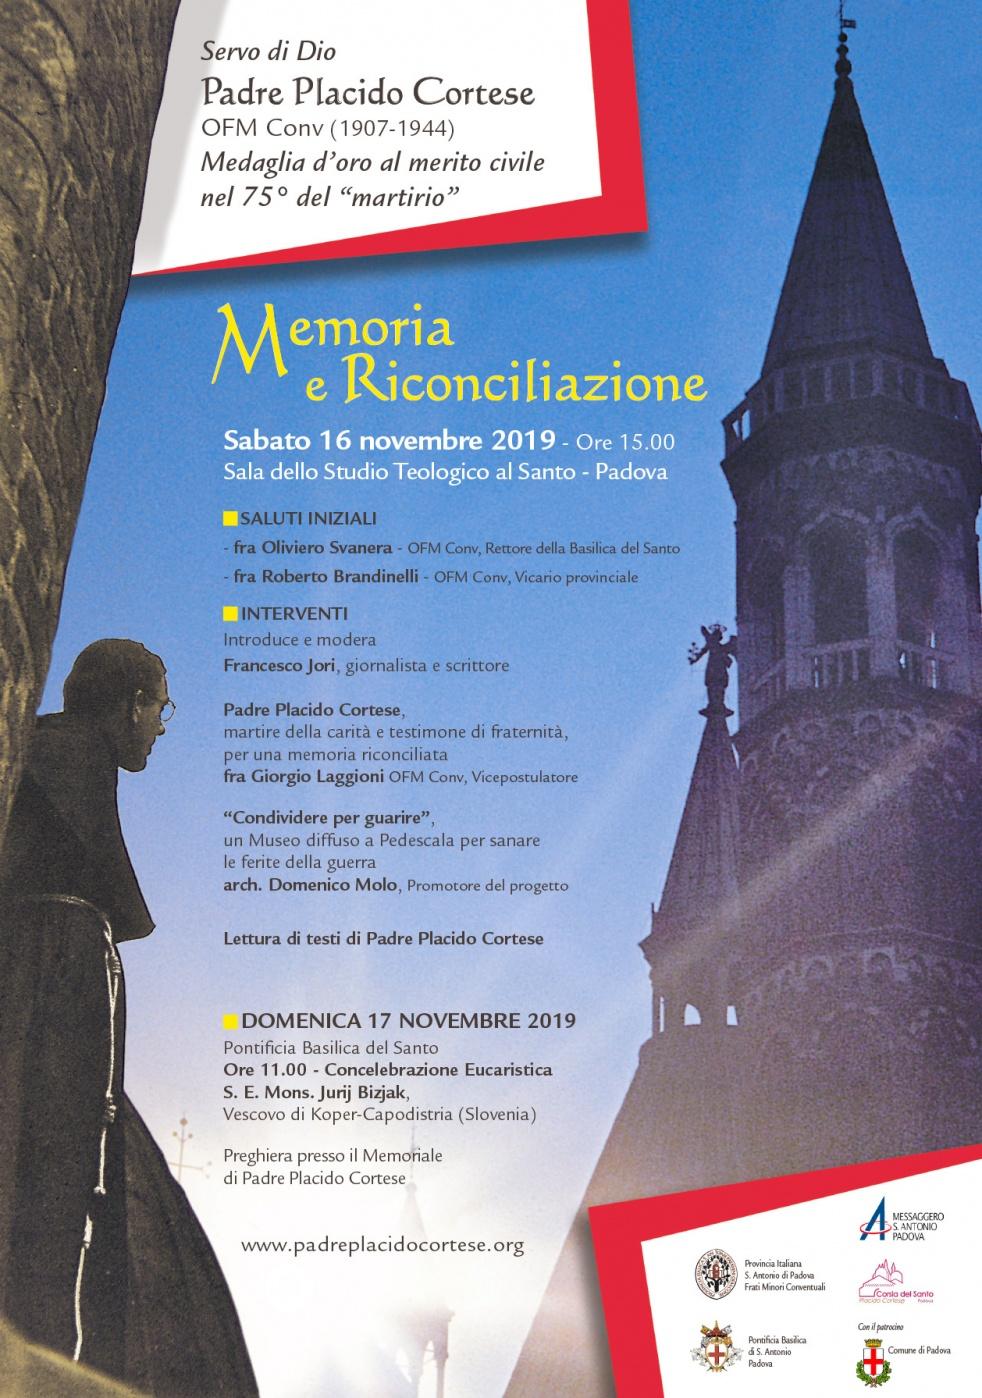 Memoria e riconciliazione - p.Placido C. - Cover Image